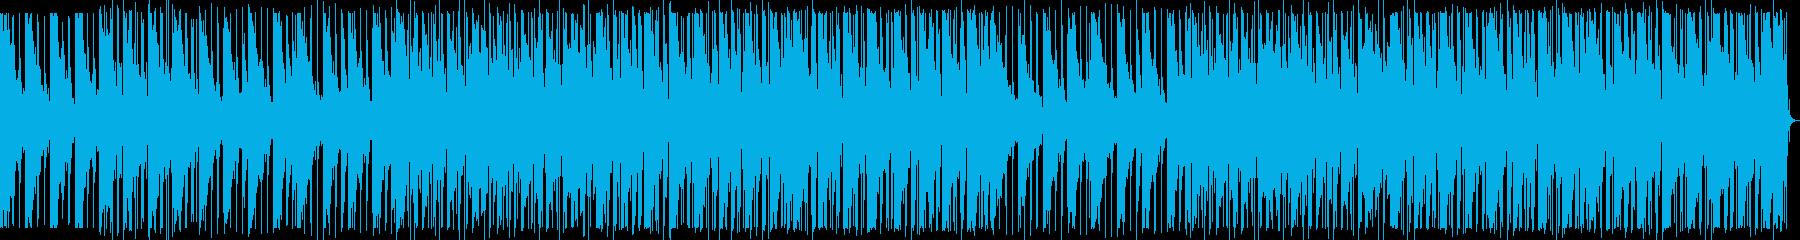 とろけそうなハウス_No641_6の再生済みの波形